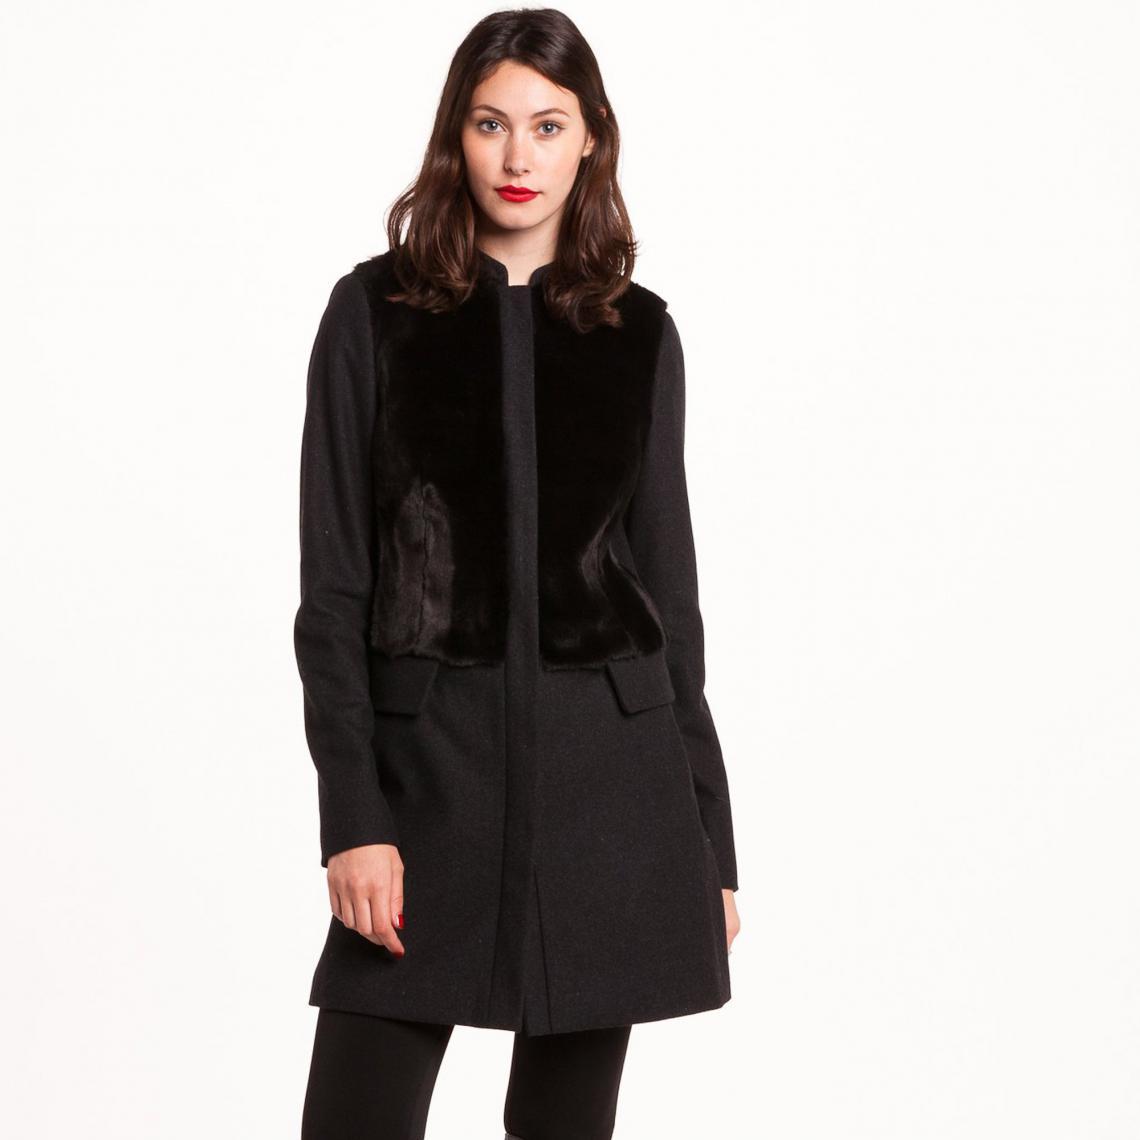 Manteau bi-matière manches longues Collection - 3 SUISSES - Modalova